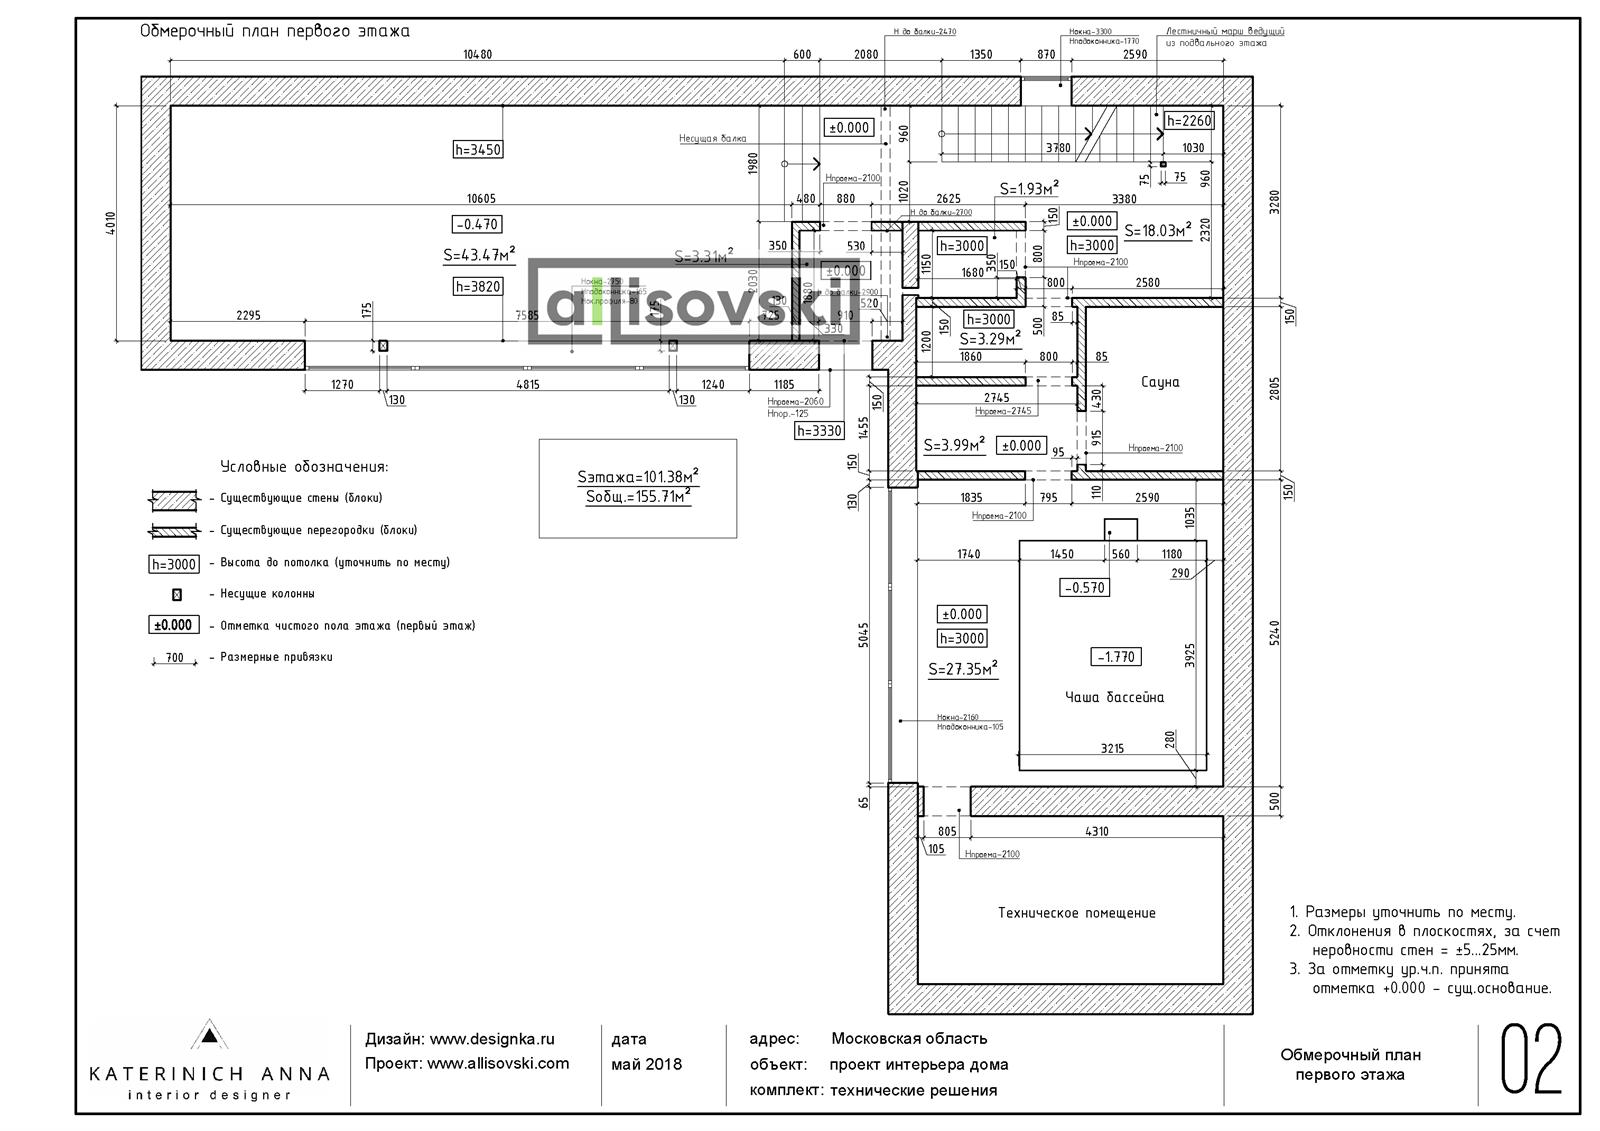 Обмерочный план и обмер дома